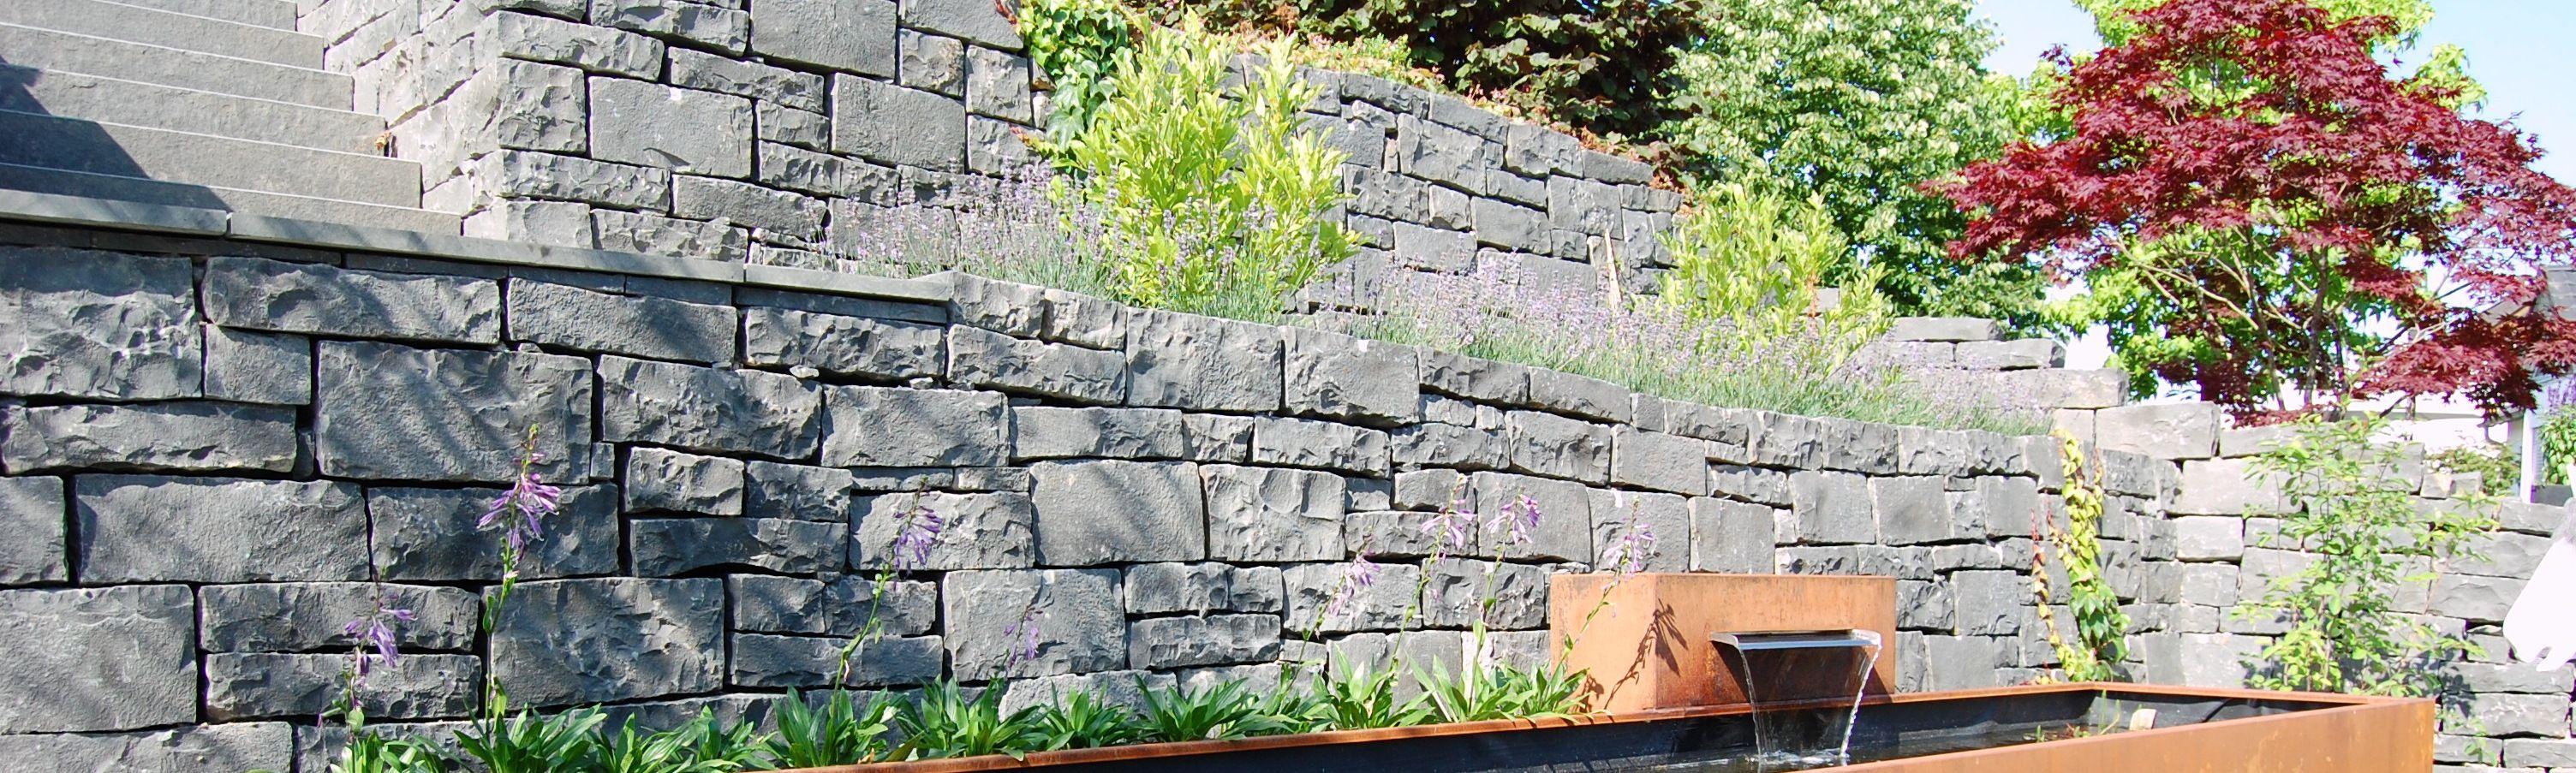 Garten ■Terrasse ■Außengestaltung ■Mauer ■Trockenmauer